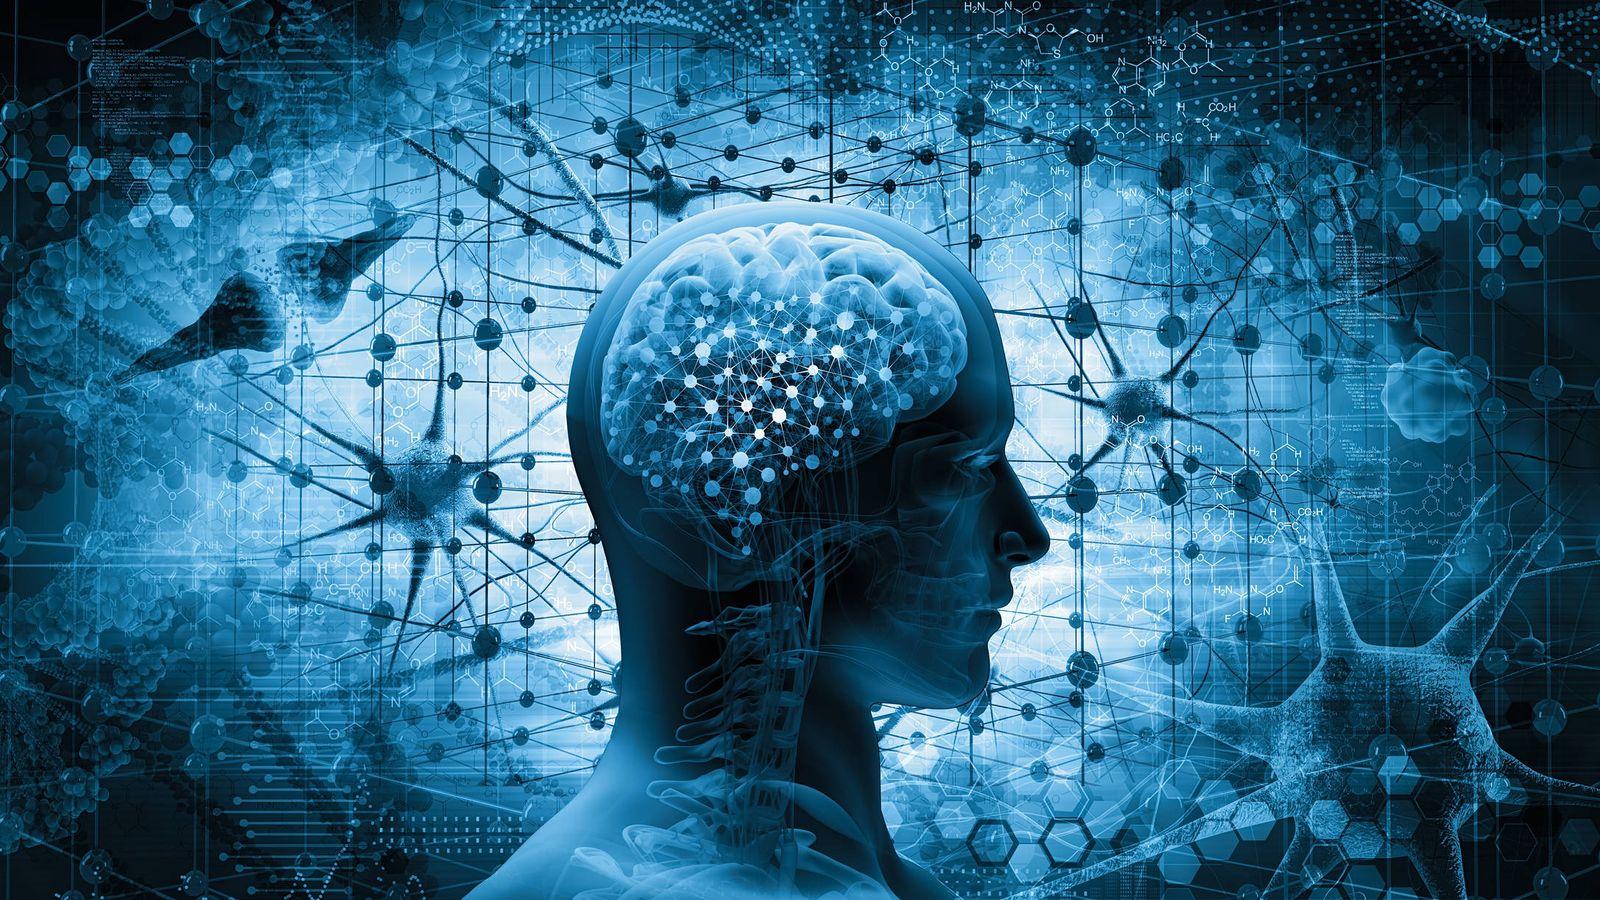 El cerebro procesa la letra y la música de una canción en dos lados diferentes